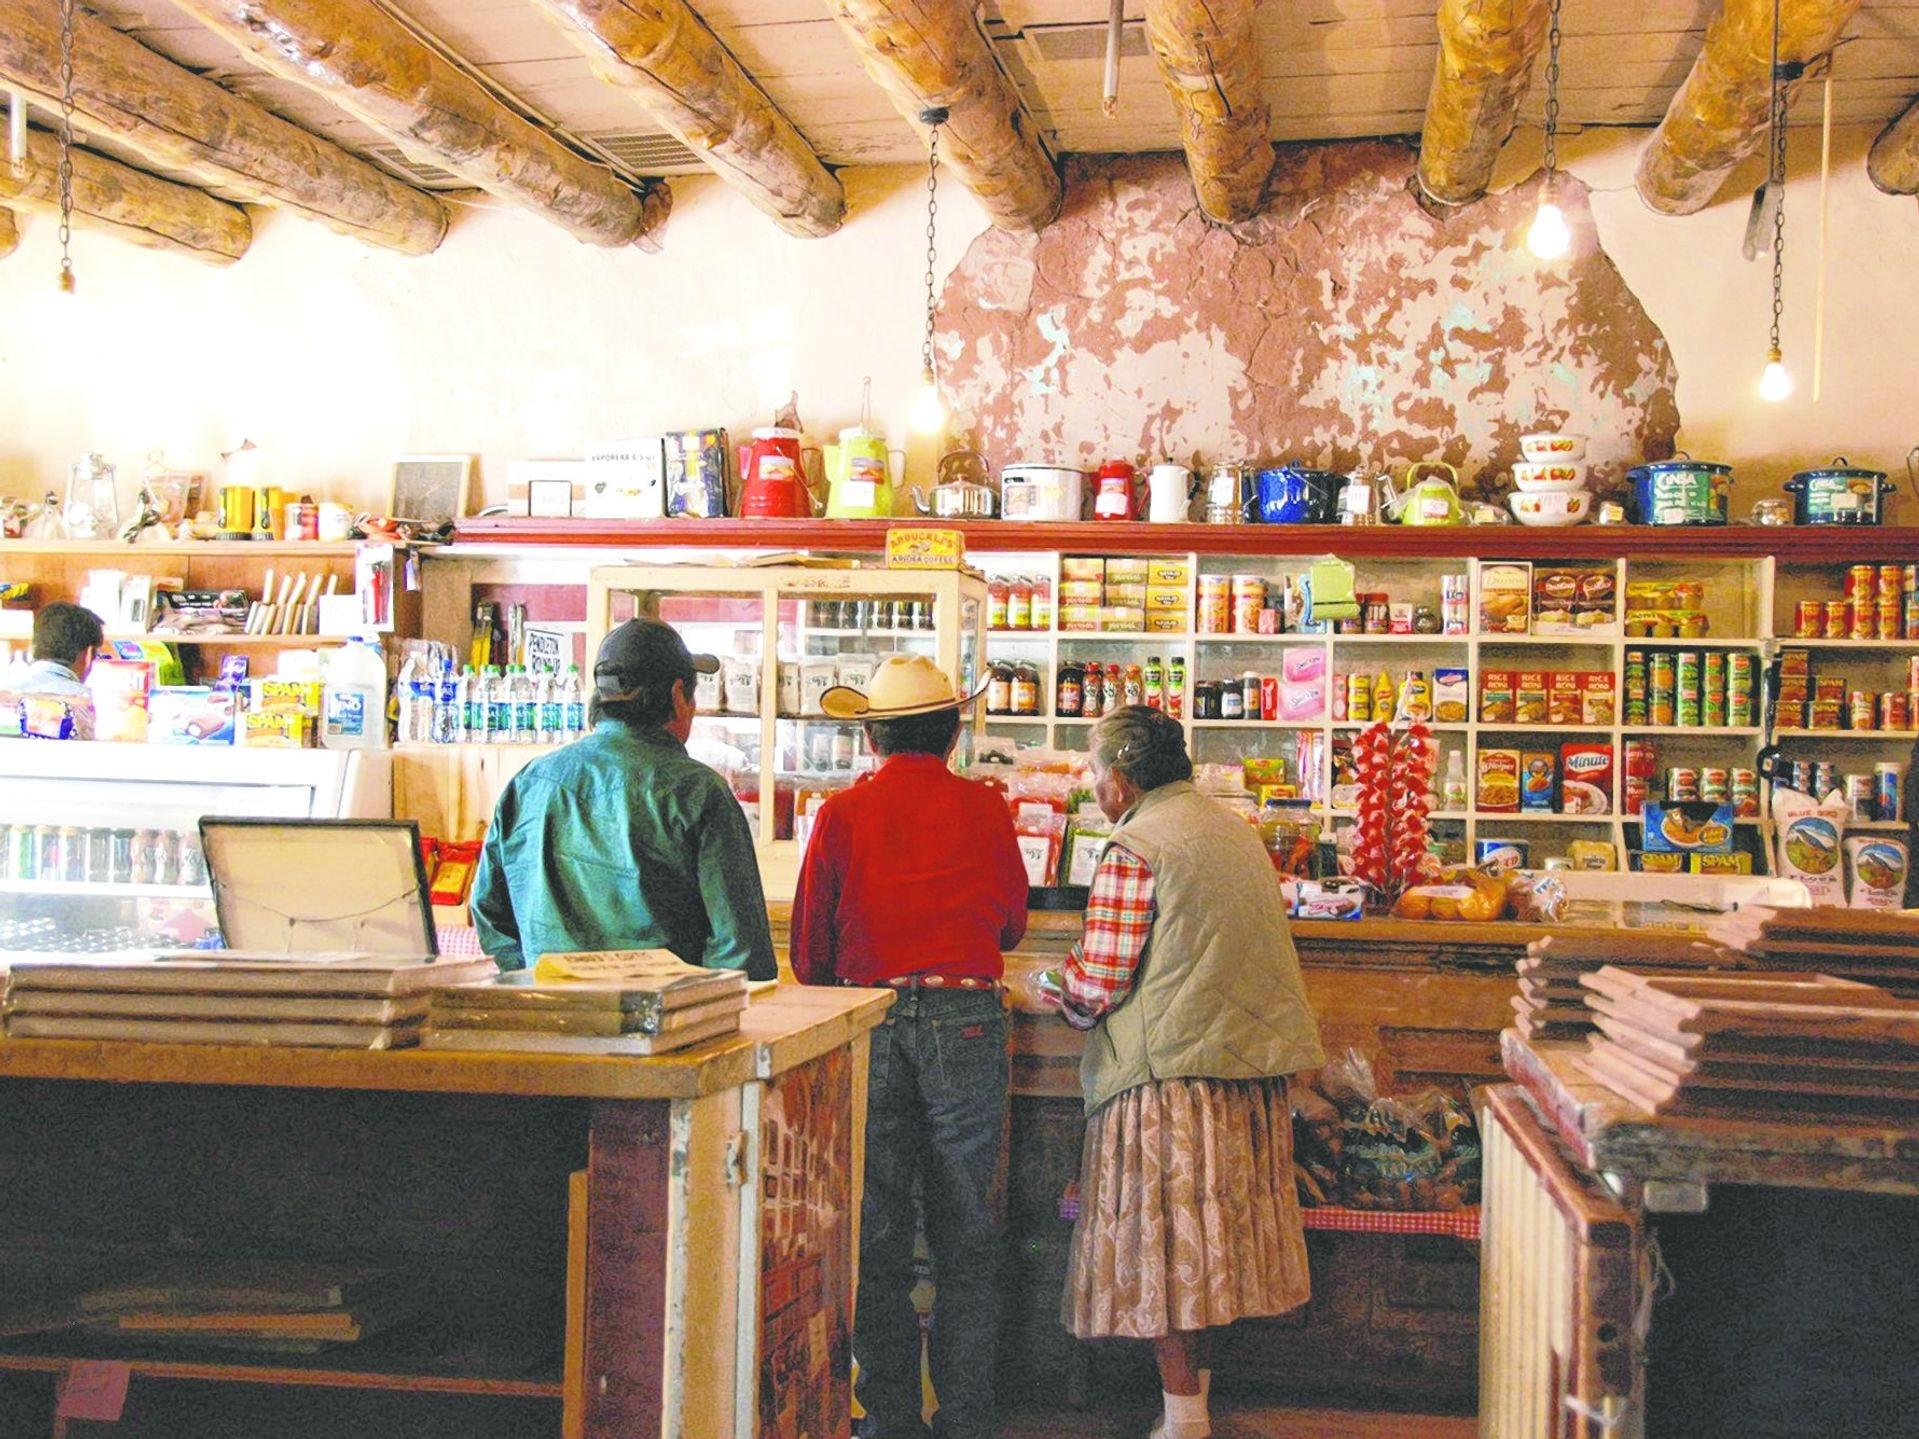 Hubbell Trading Post: parte museo, parte galería de arte y tienda de comestibles, Hubbell Trading Post en la reserva Navajo es un portal a través del tiempo.